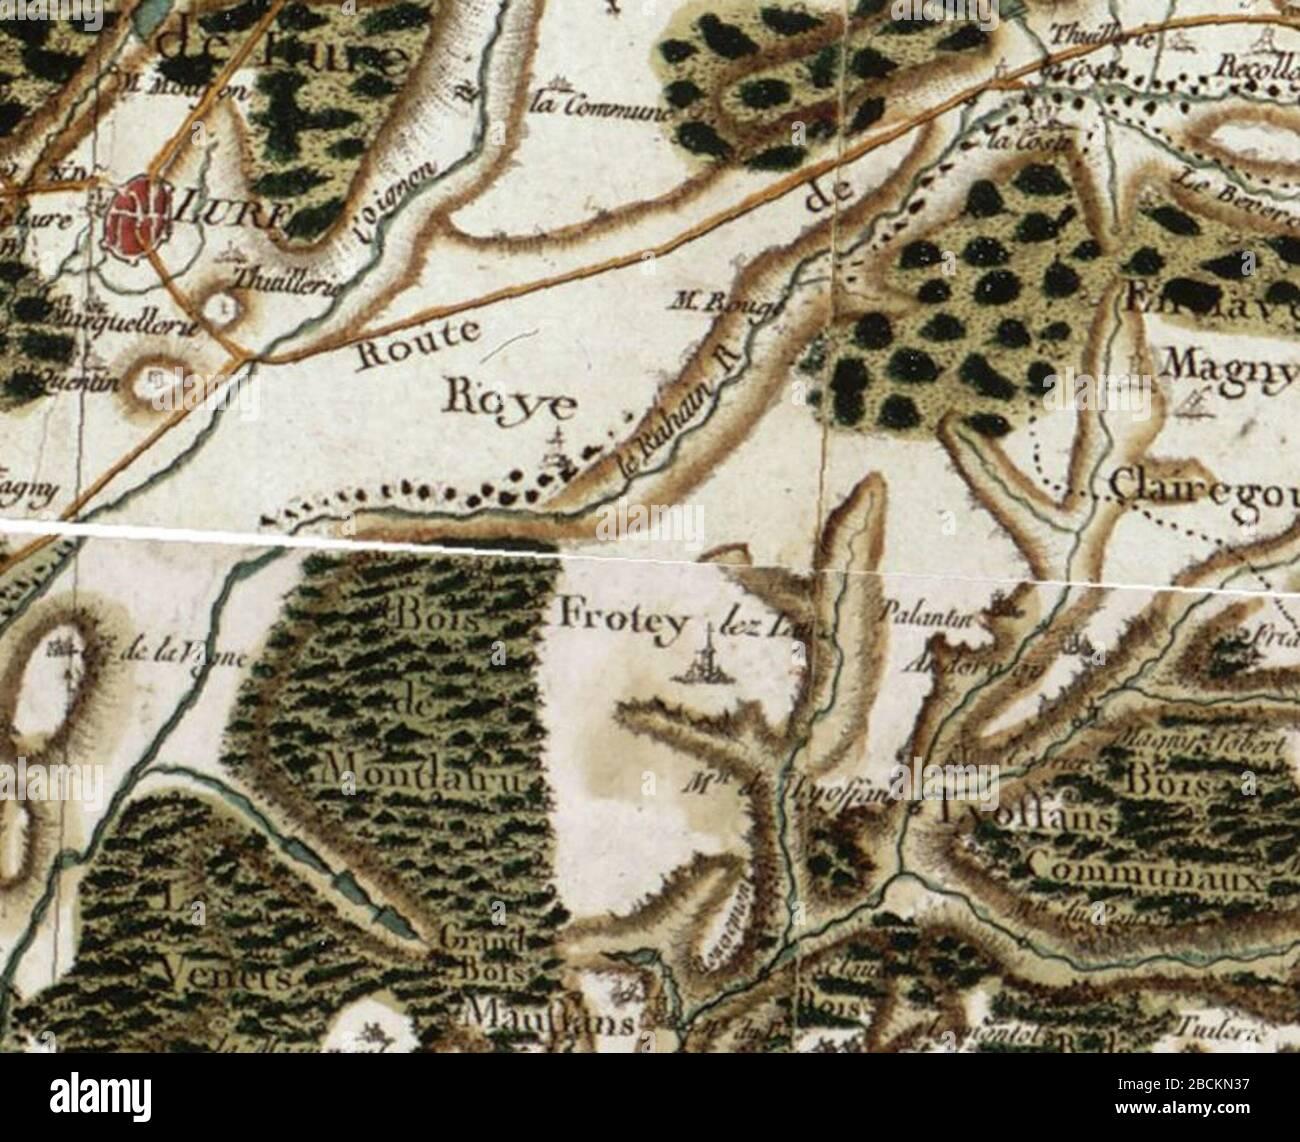 carte de cassini date Français : Frotey, Roye et Lure sur la carte de Cassini.; 18th